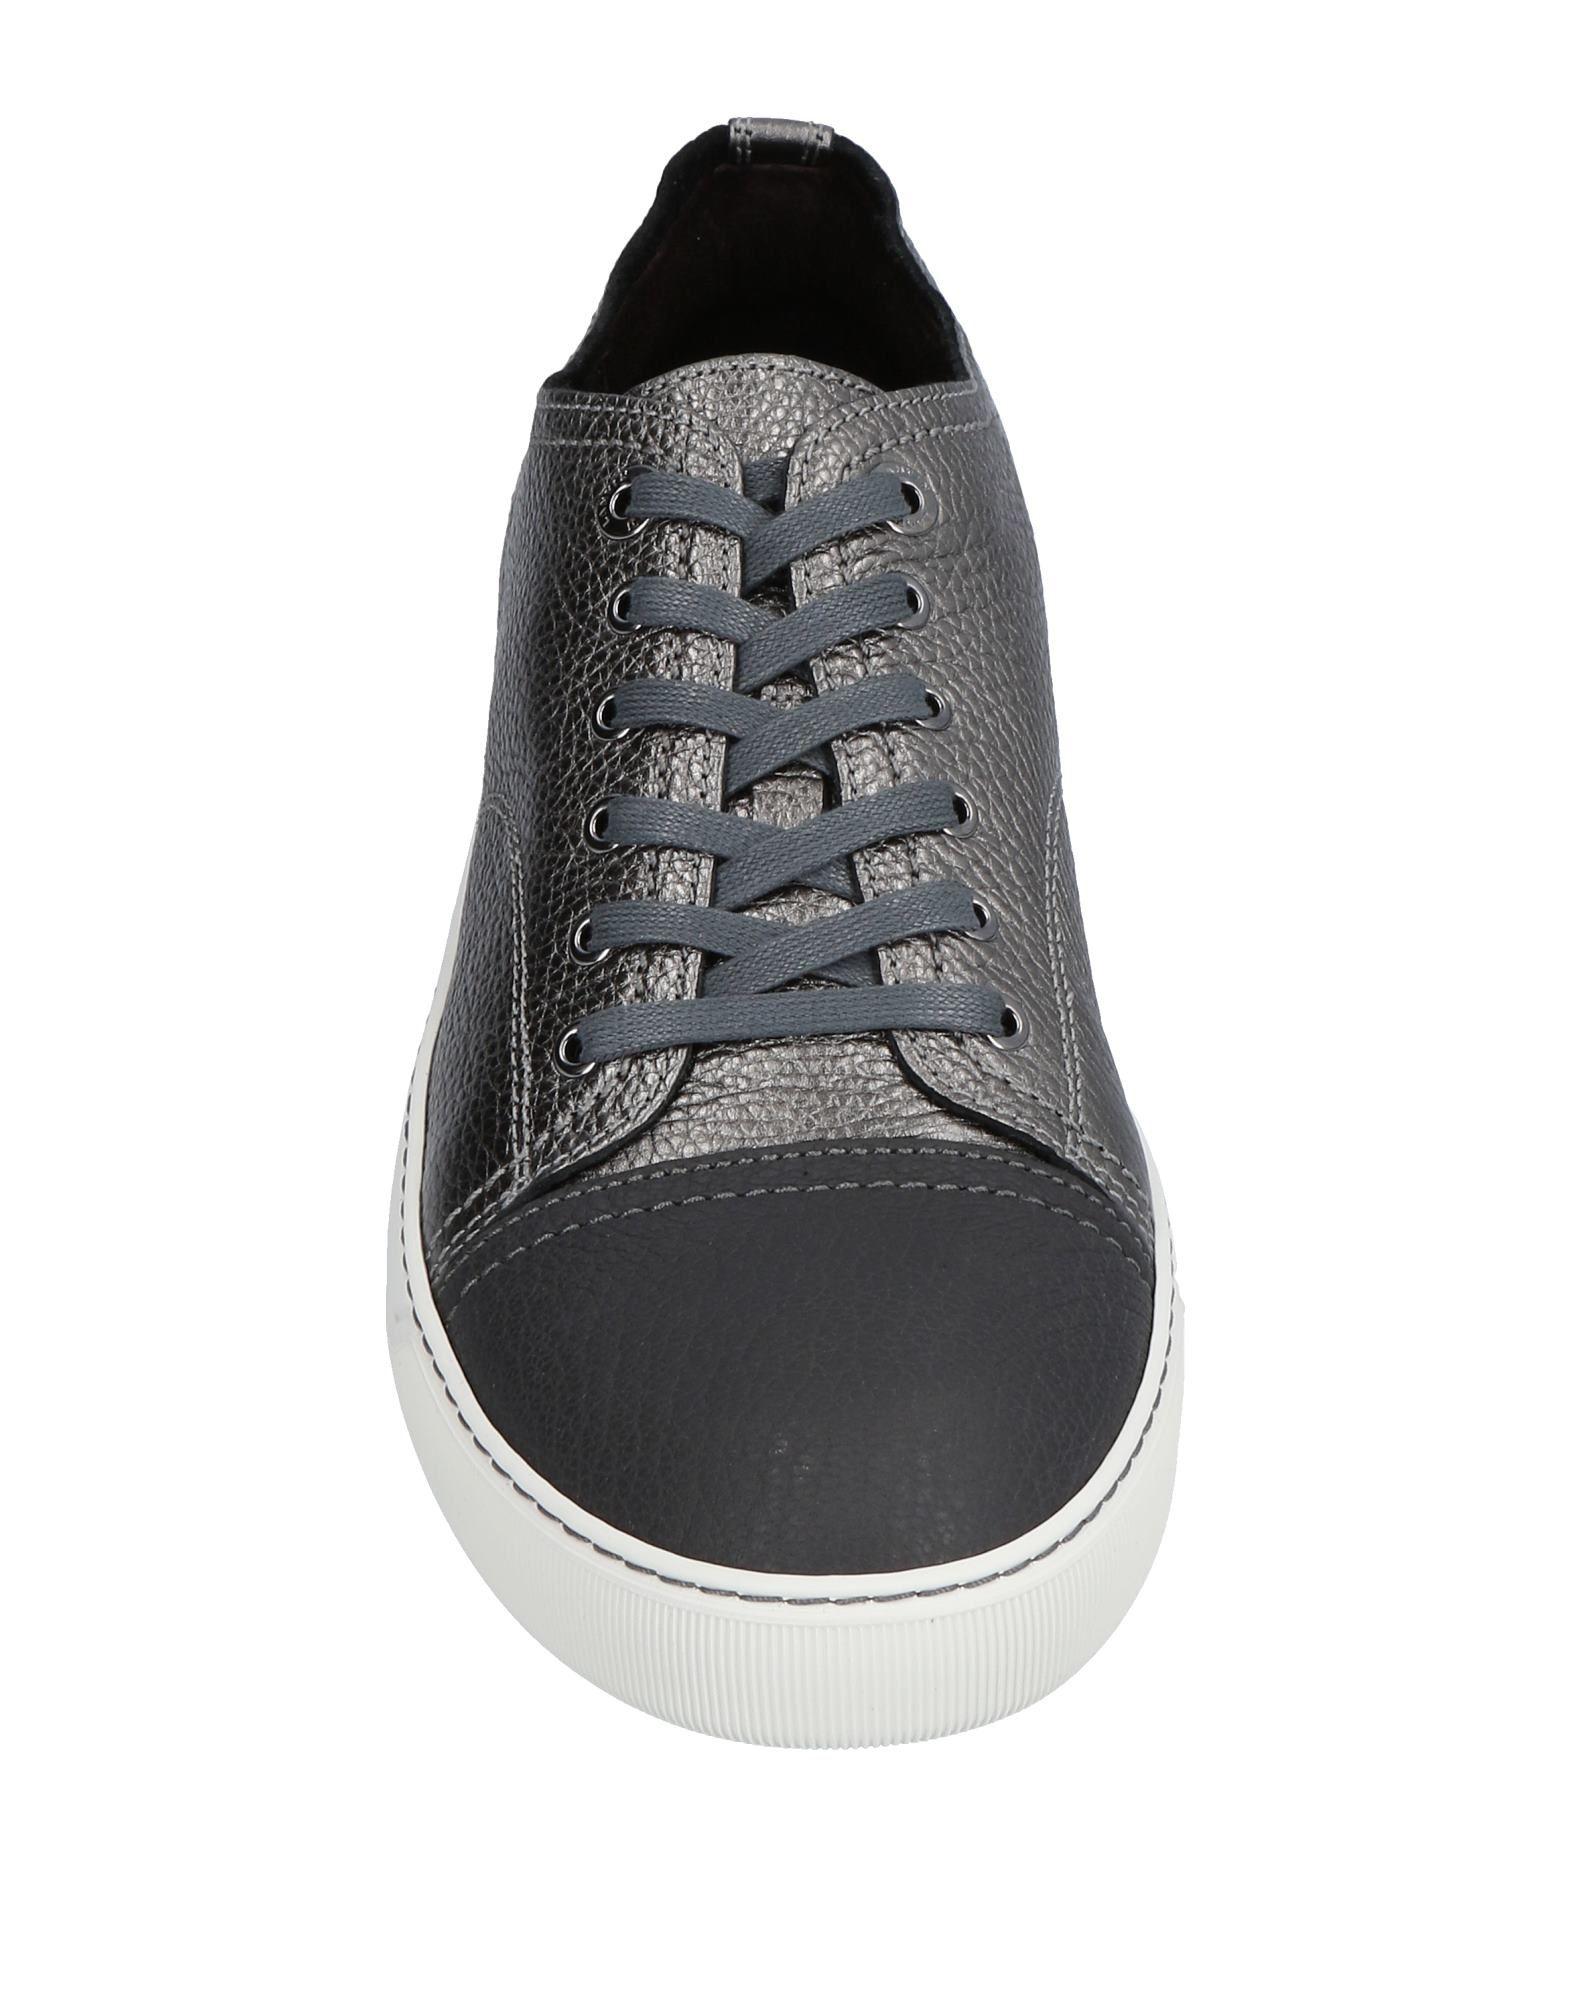 Lanvin Sneakers Herren Gutes Preis-Leistungs-Verhältnis, es es Preis-Leistungs-Verhältnis, lohnt sich 76bb43